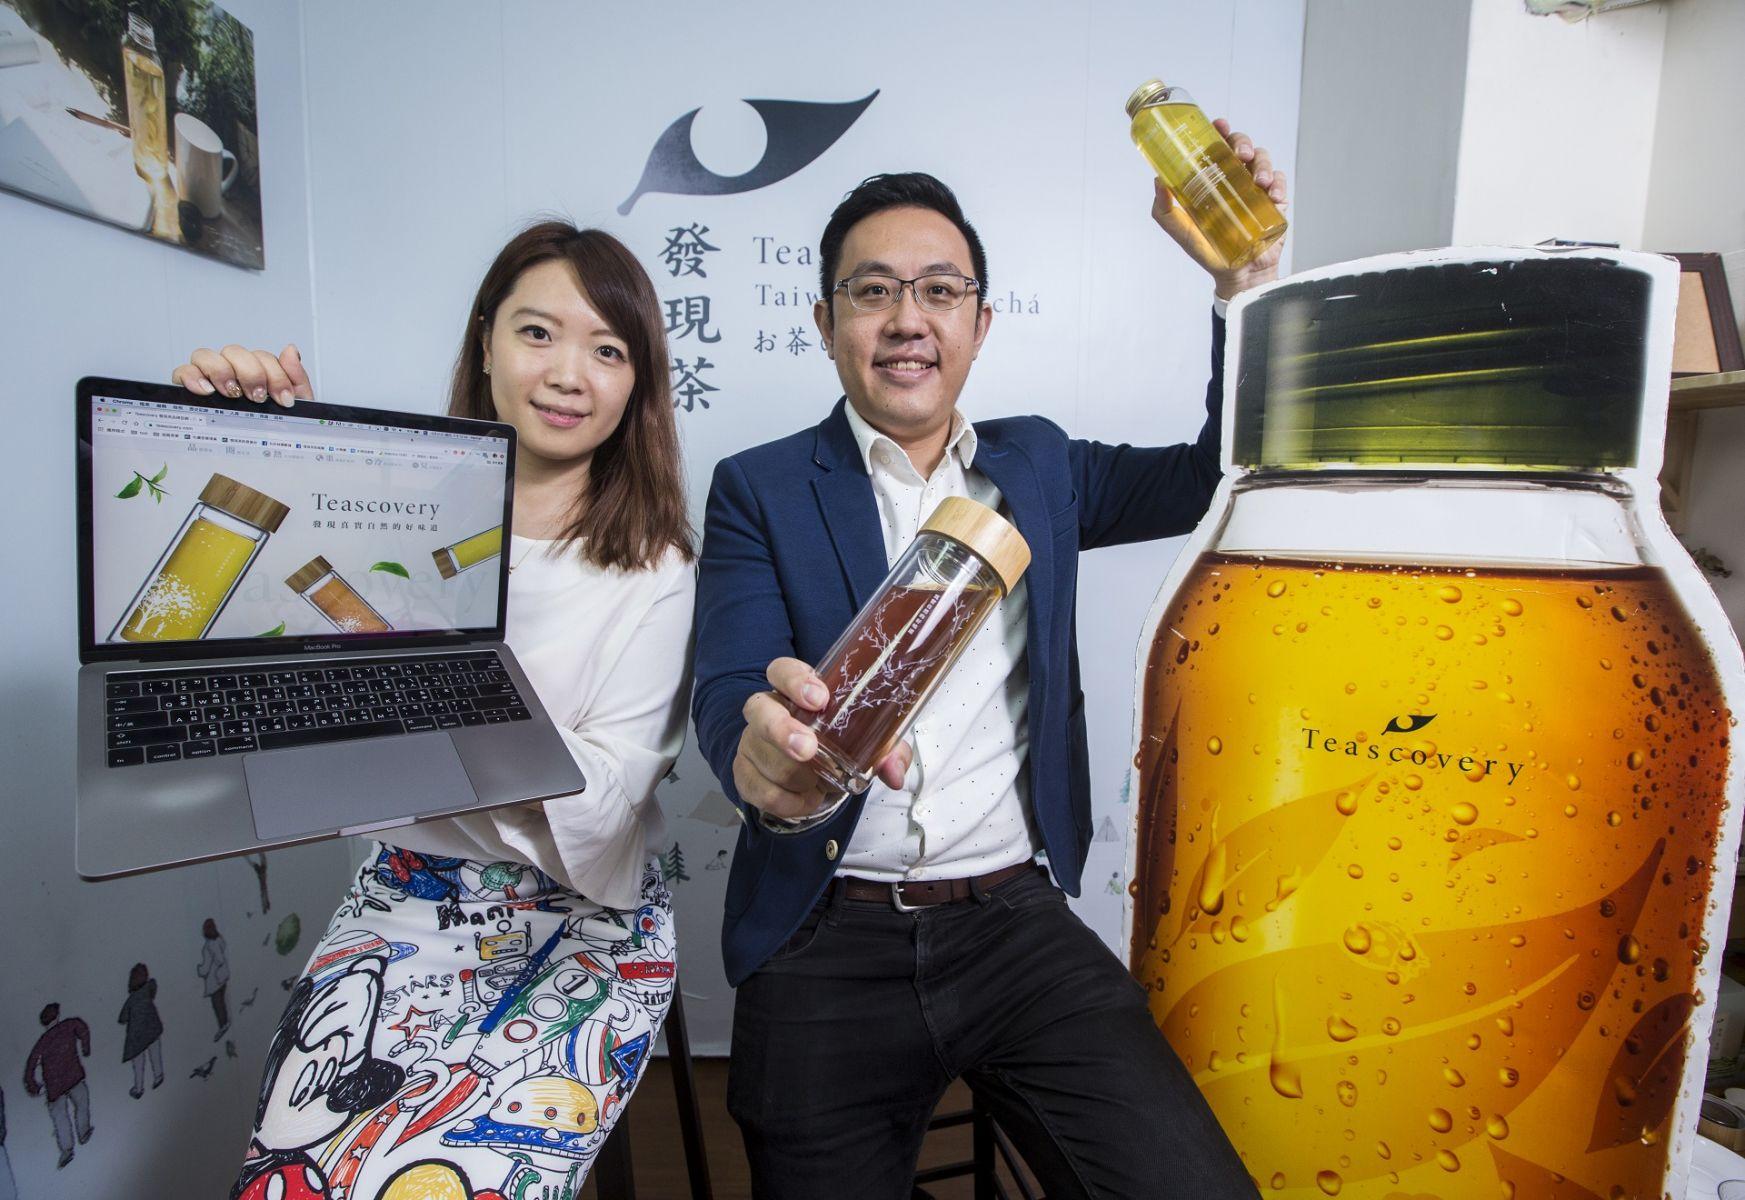 賣茶包也能年營收飆破3千萬!防疫催出養生風 一群七年級生把台灣茶玩出新商機